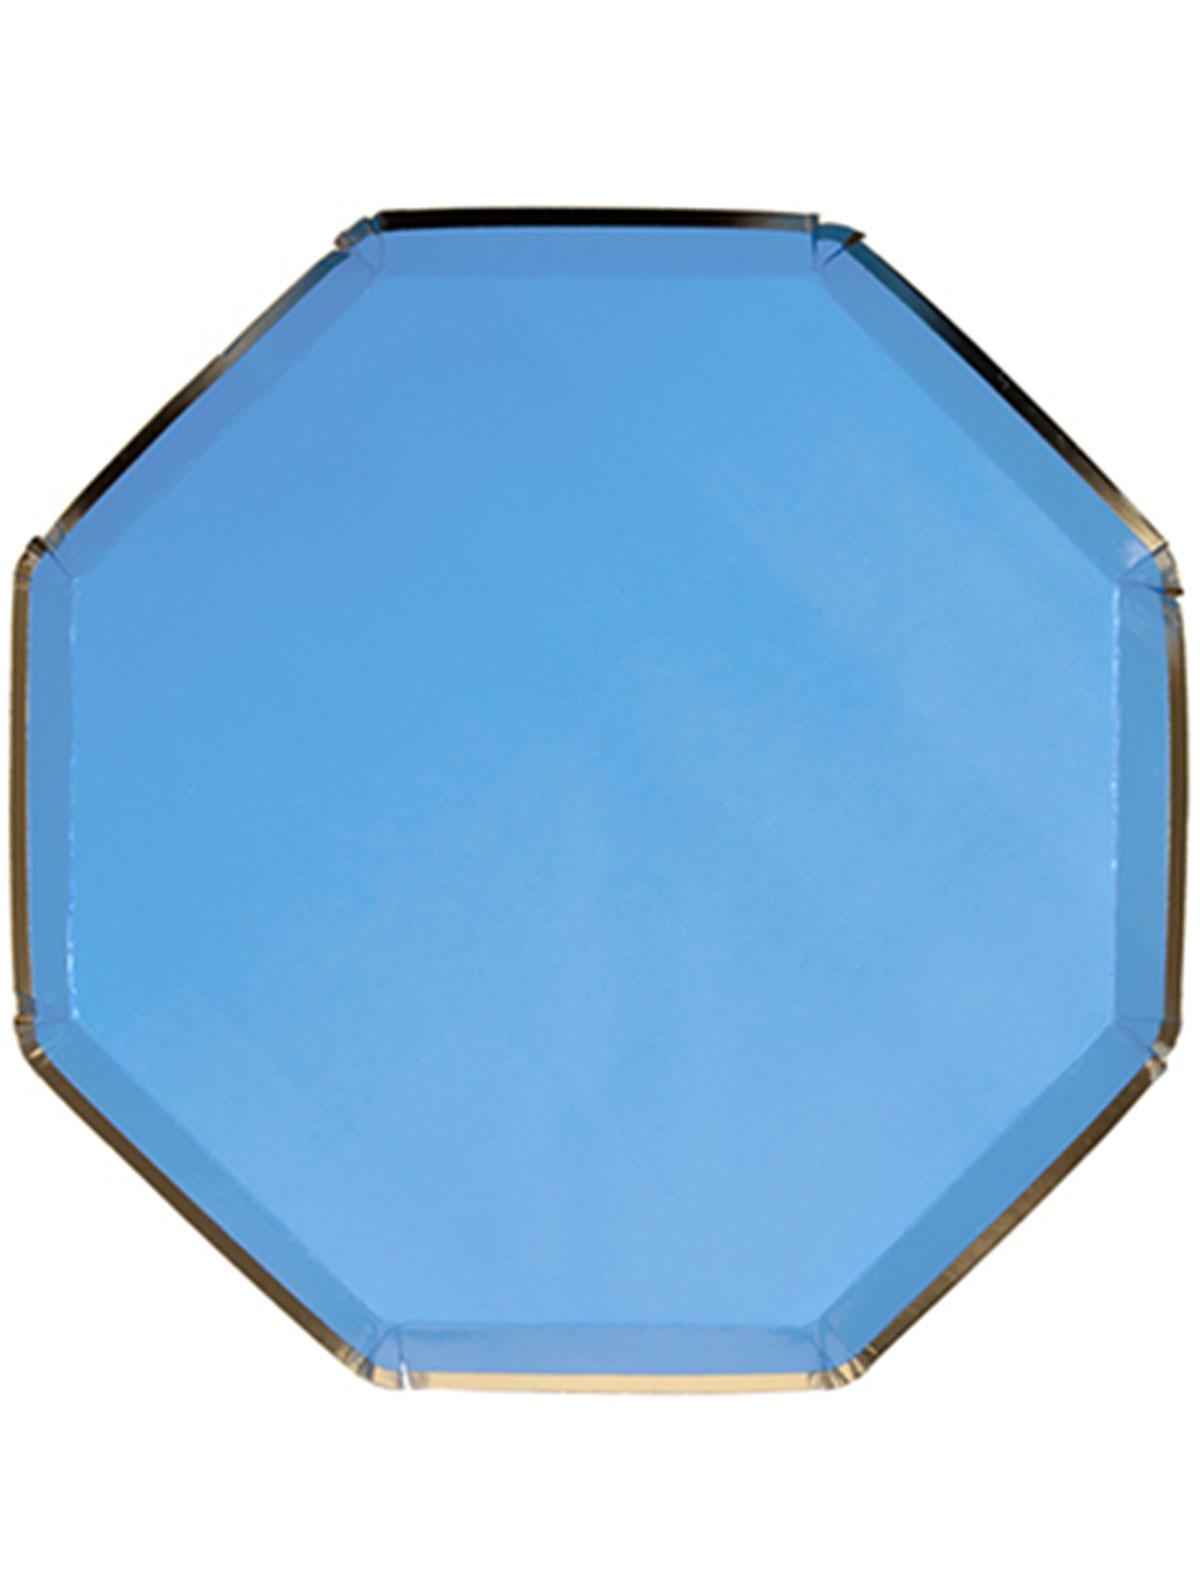 Купить 2259922, Набор посуды Meri Meri, голубой, 2294520080460